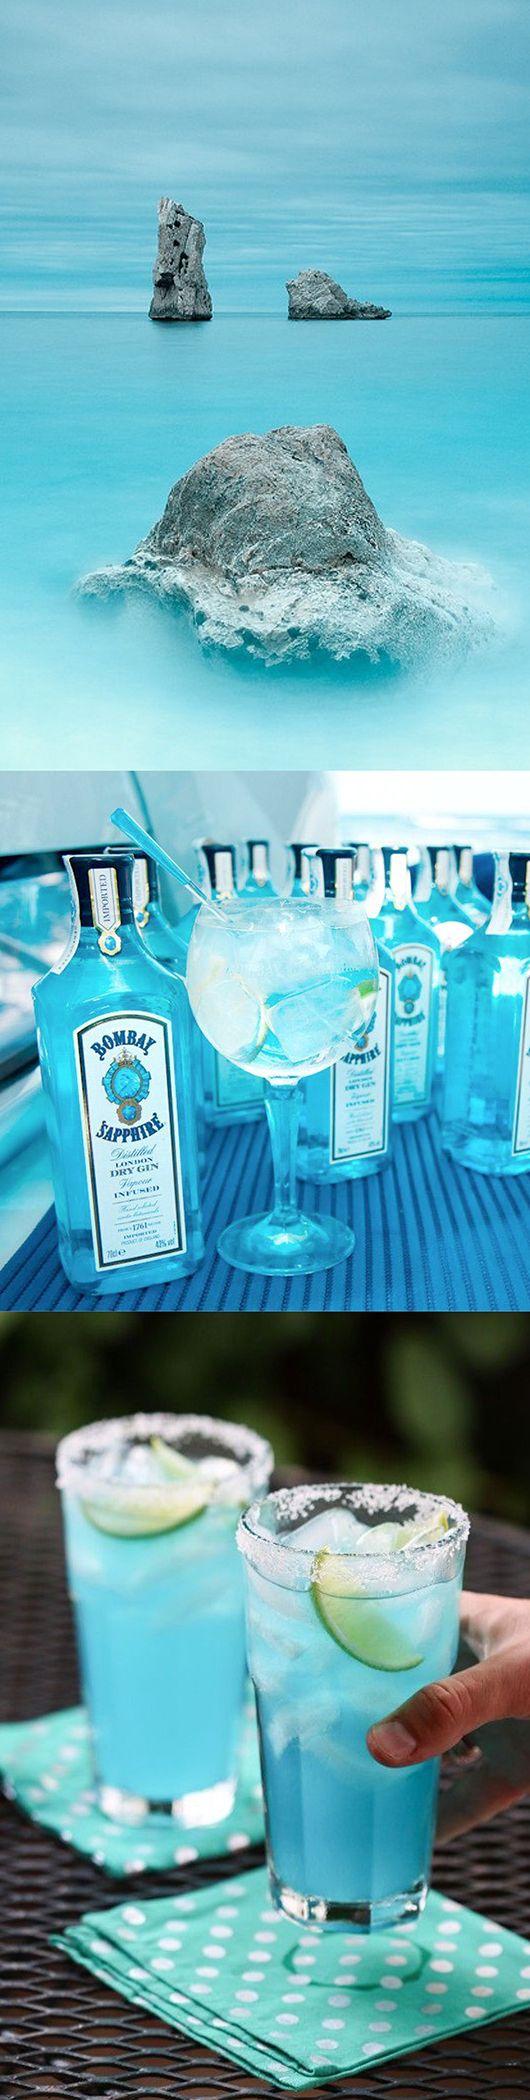 blue curacao / blau curaçao / azul curaçao / blu curacao